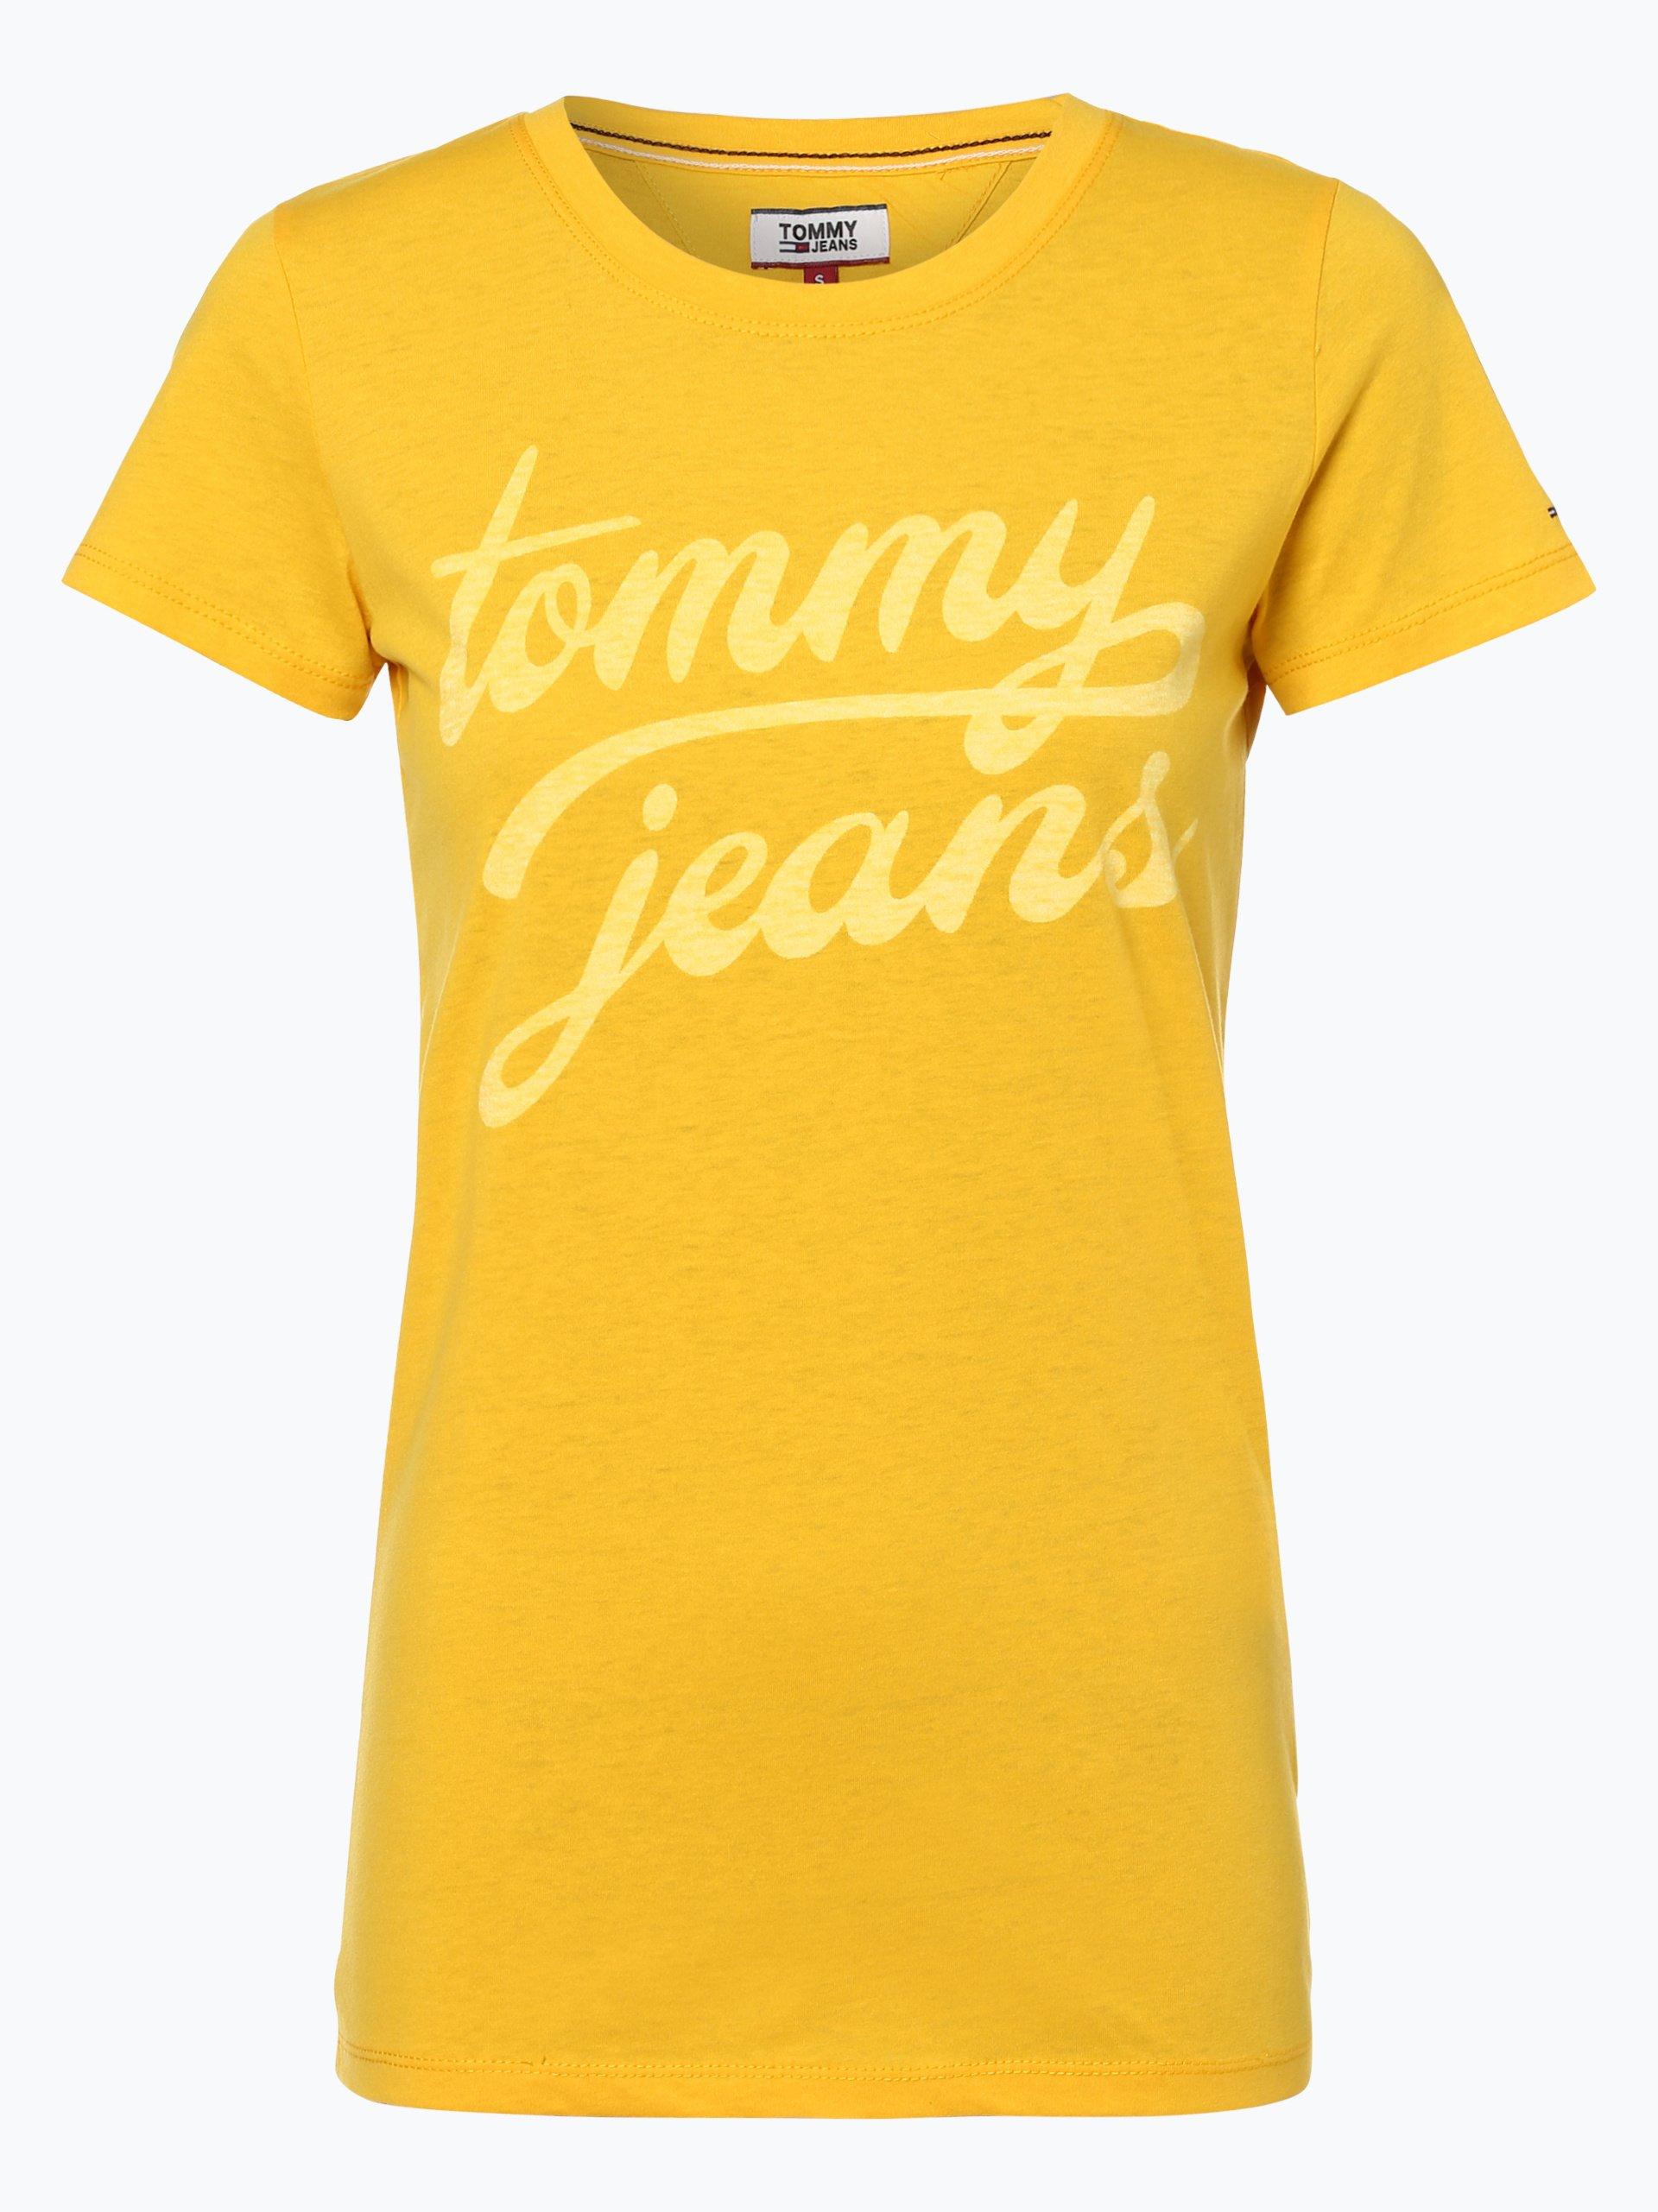 tommy jeans damen t shirt gelb uni online kaufen. Black Bedroom Furniture Sets. Home Design Ideas